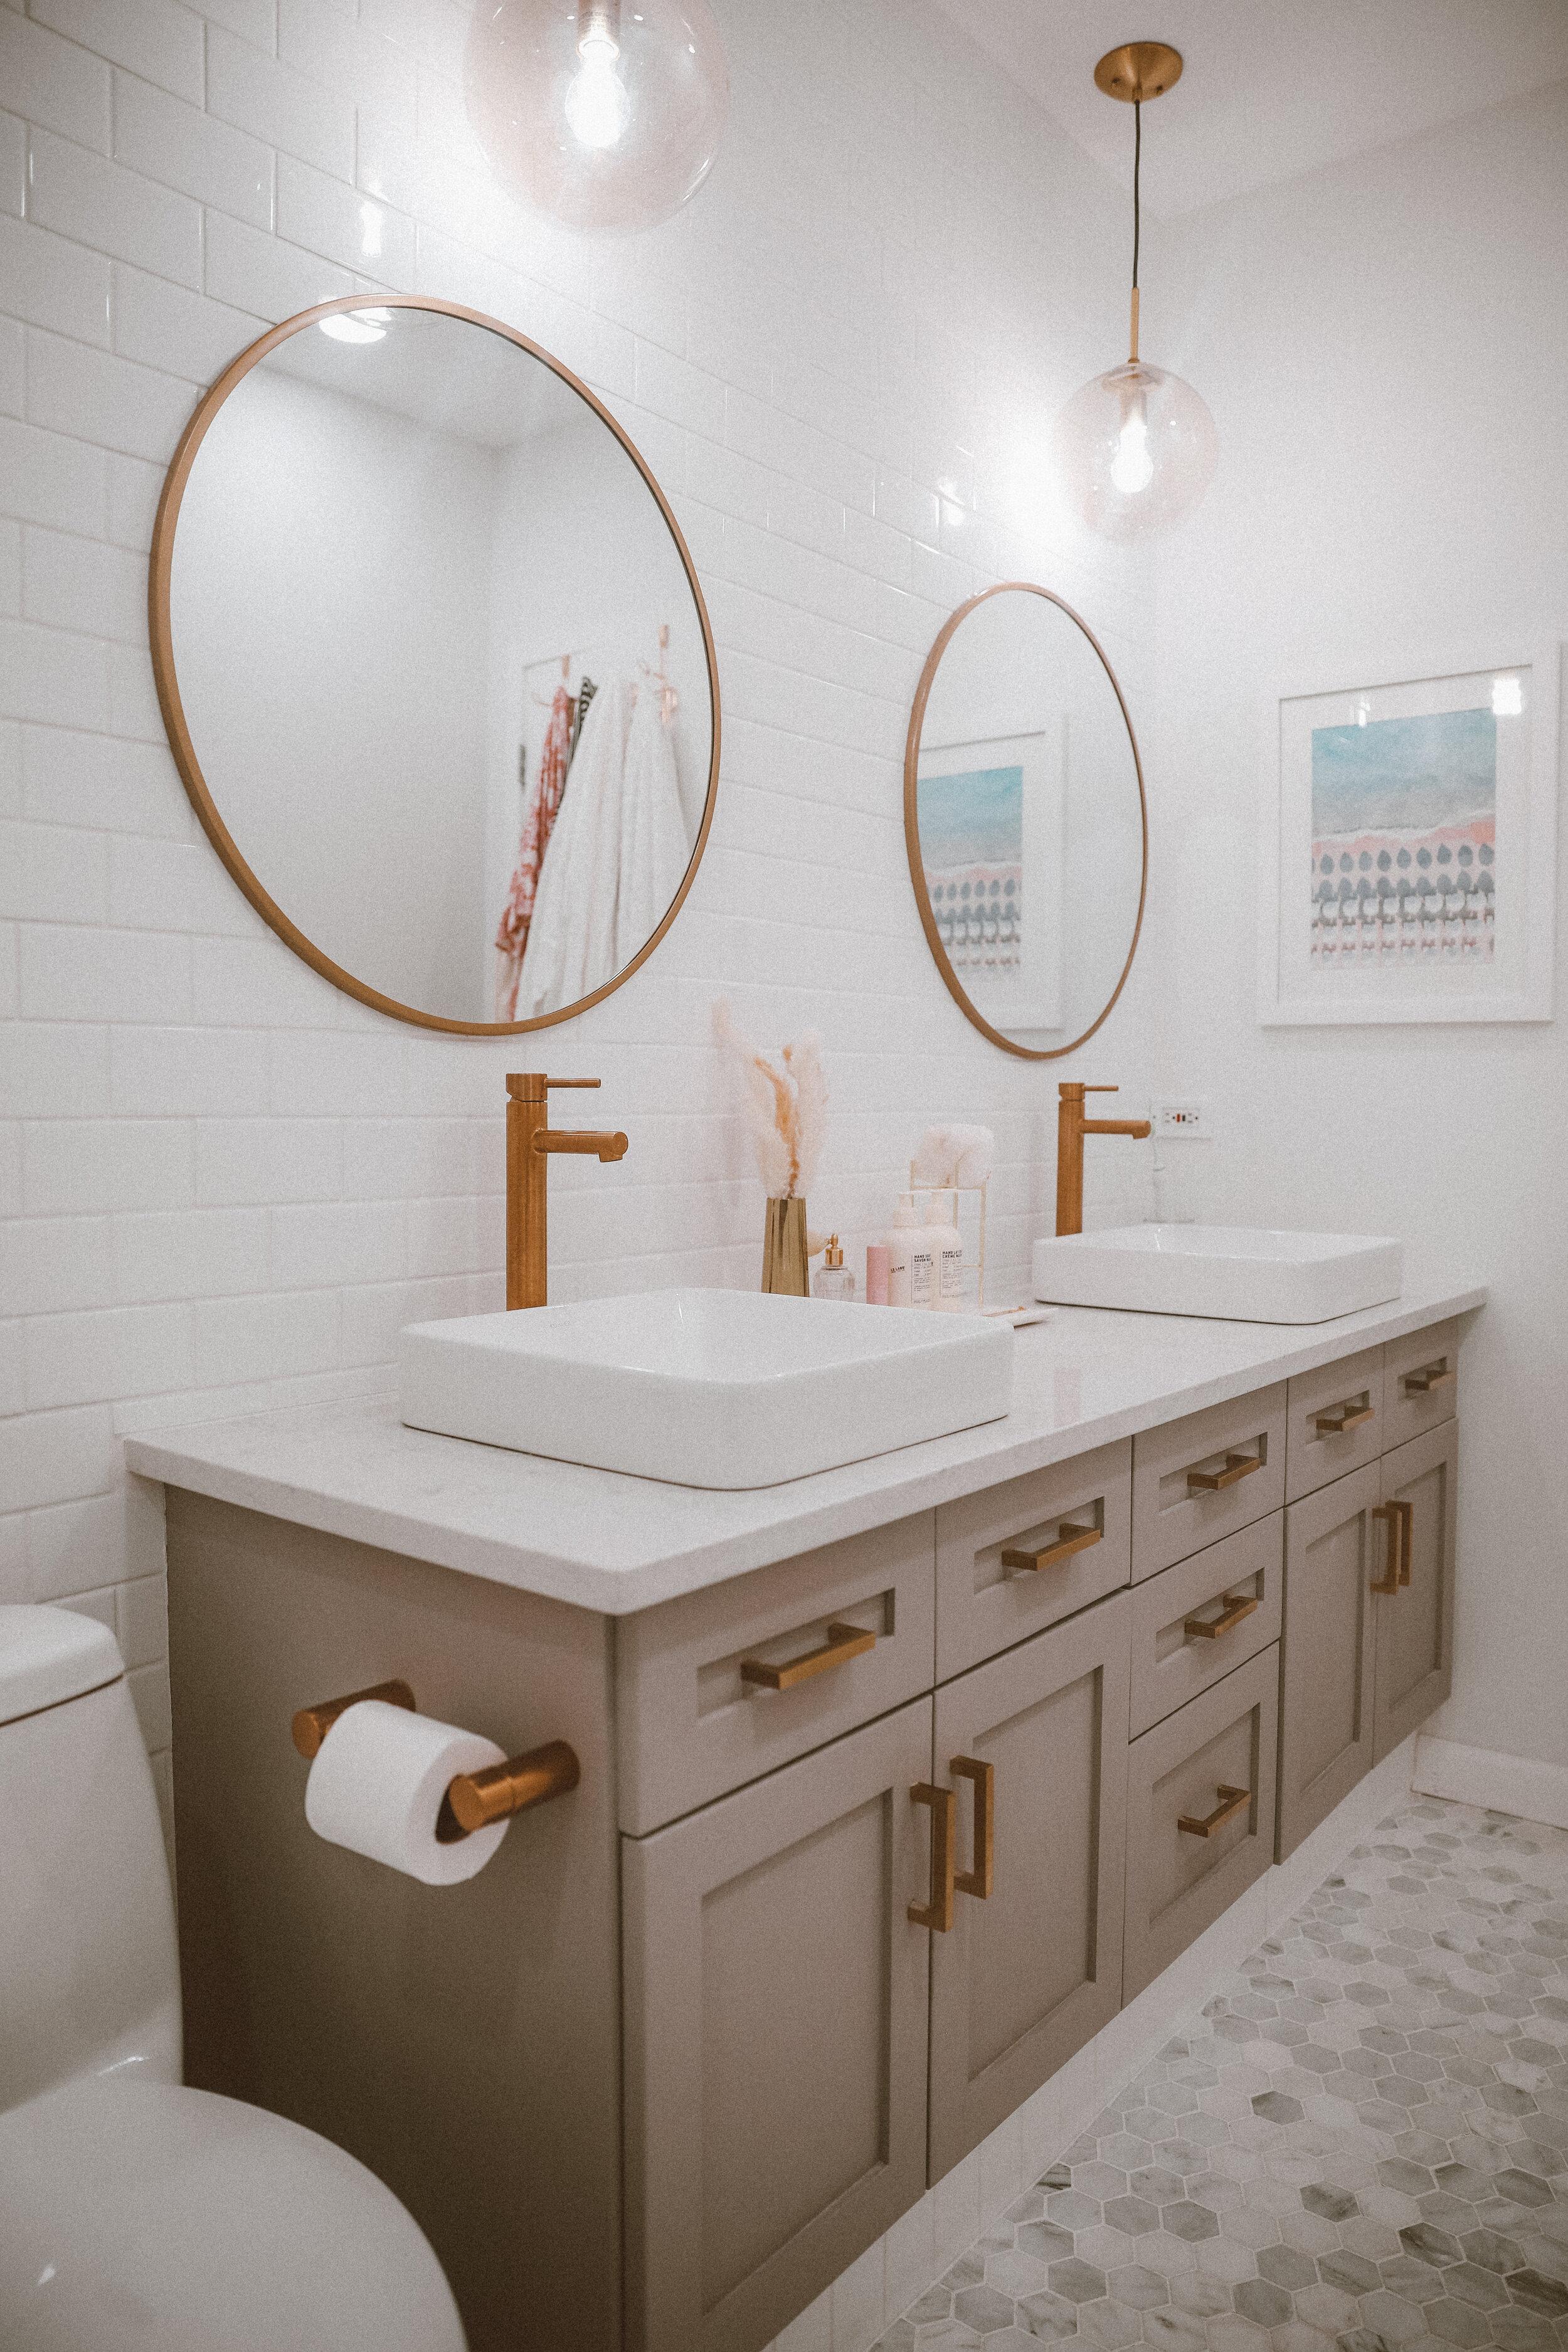 finishedbathroom_-5.jpg